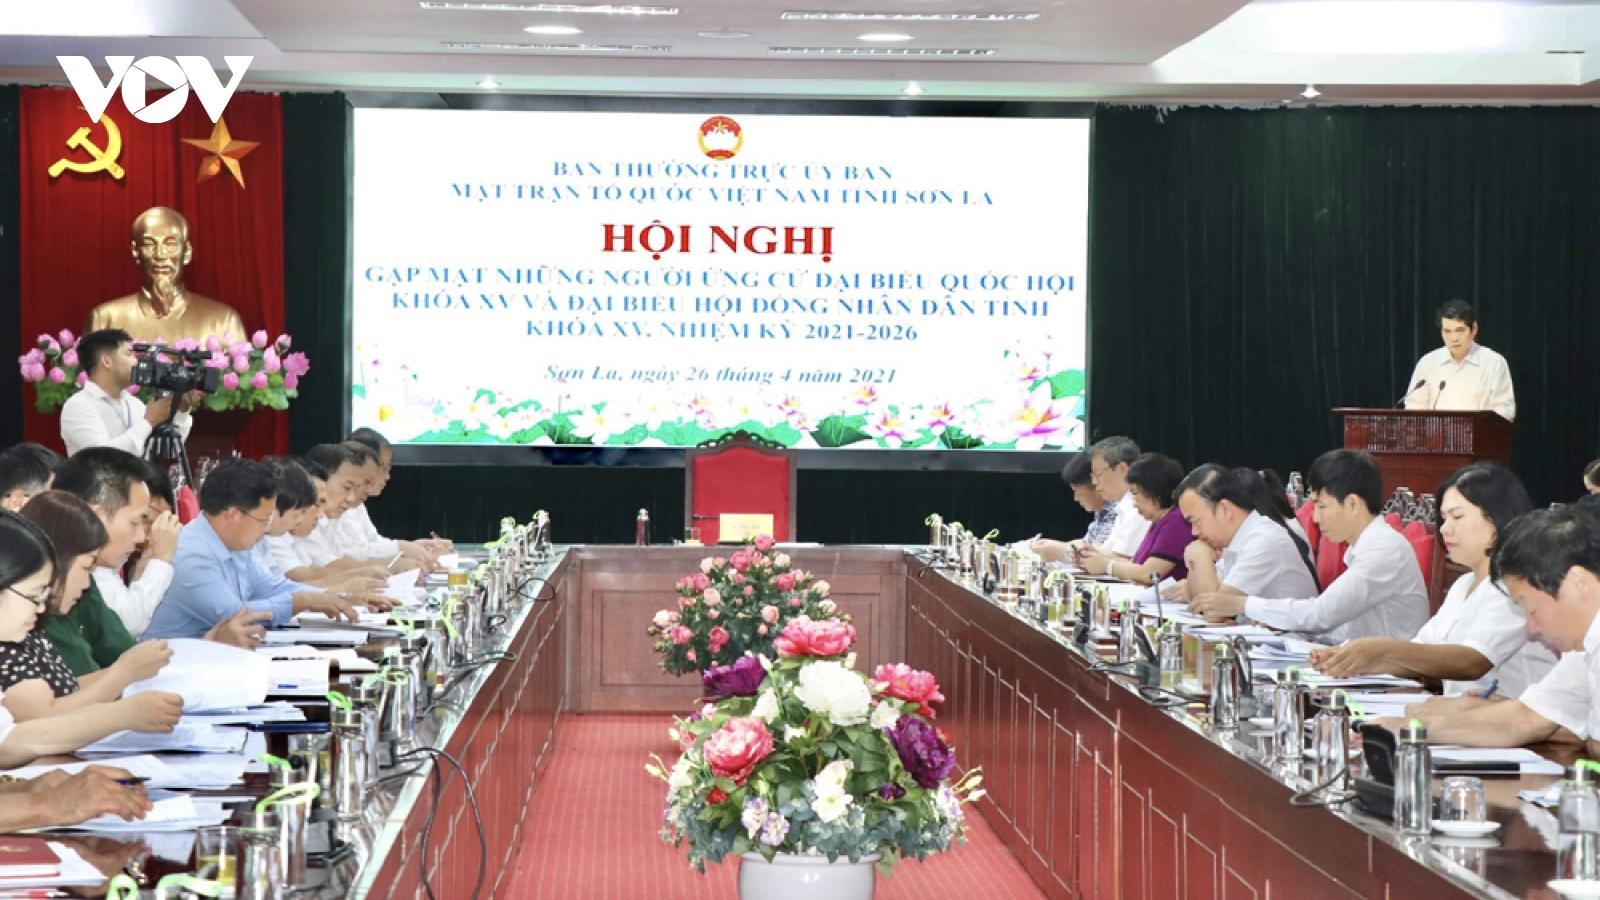 Sơn La gặp mặt người ứng cử đại biểu Quốc hộivà HĐND tỉnh